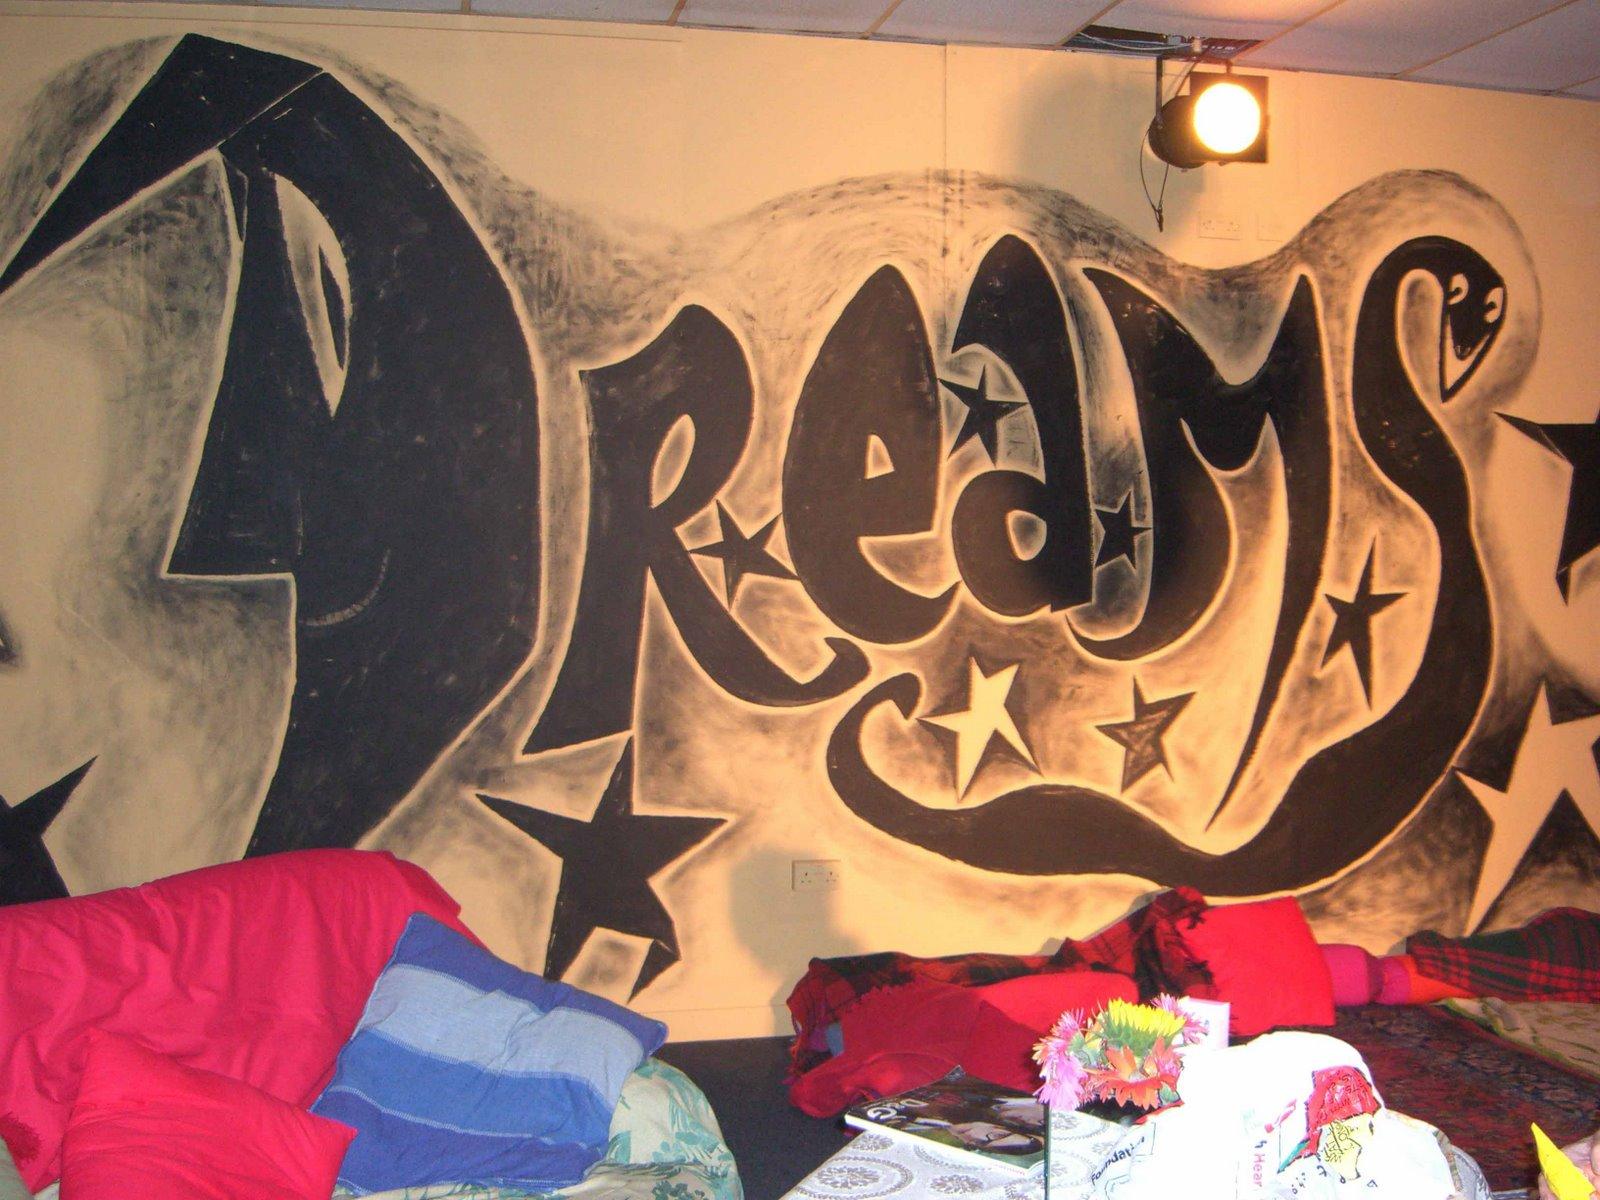 http://2.bp.blogspot.com/_U8ieJL-b9ic/SNbU_lCbd_I/AAAAAAAAAH8/SXavqg3sx2U/s1600/dreams.jpg